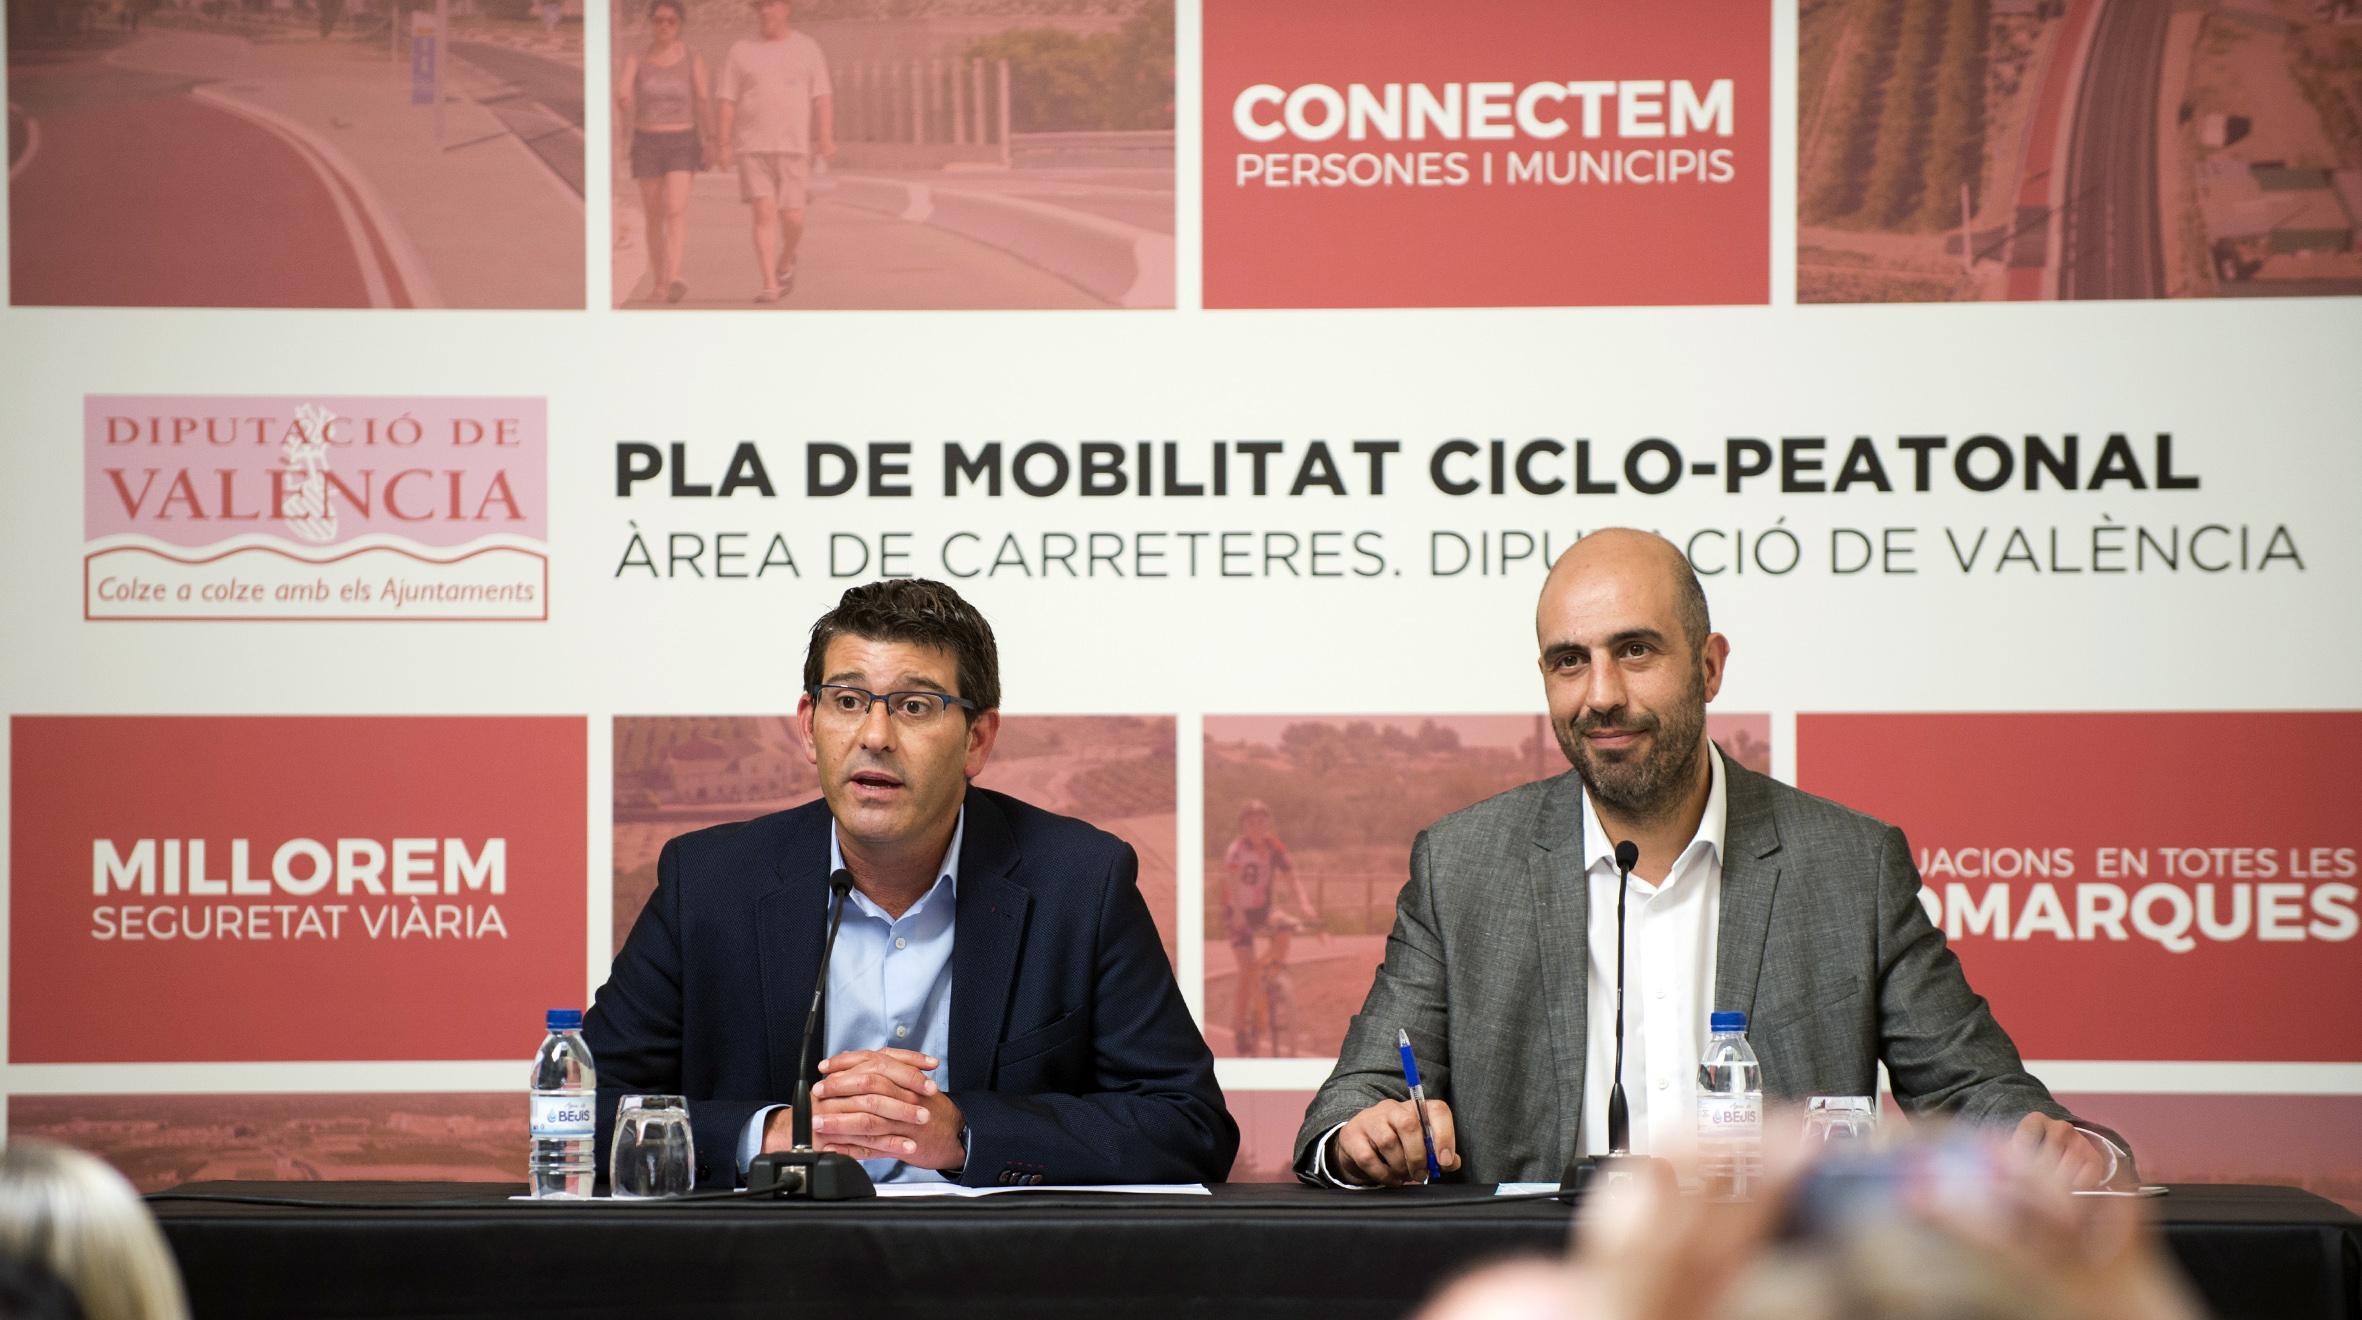 Jorge Rodríguez y Pablo Seguí durante la presentación del Plan de Movilidad Ciclo Peatonal de la Diputación.